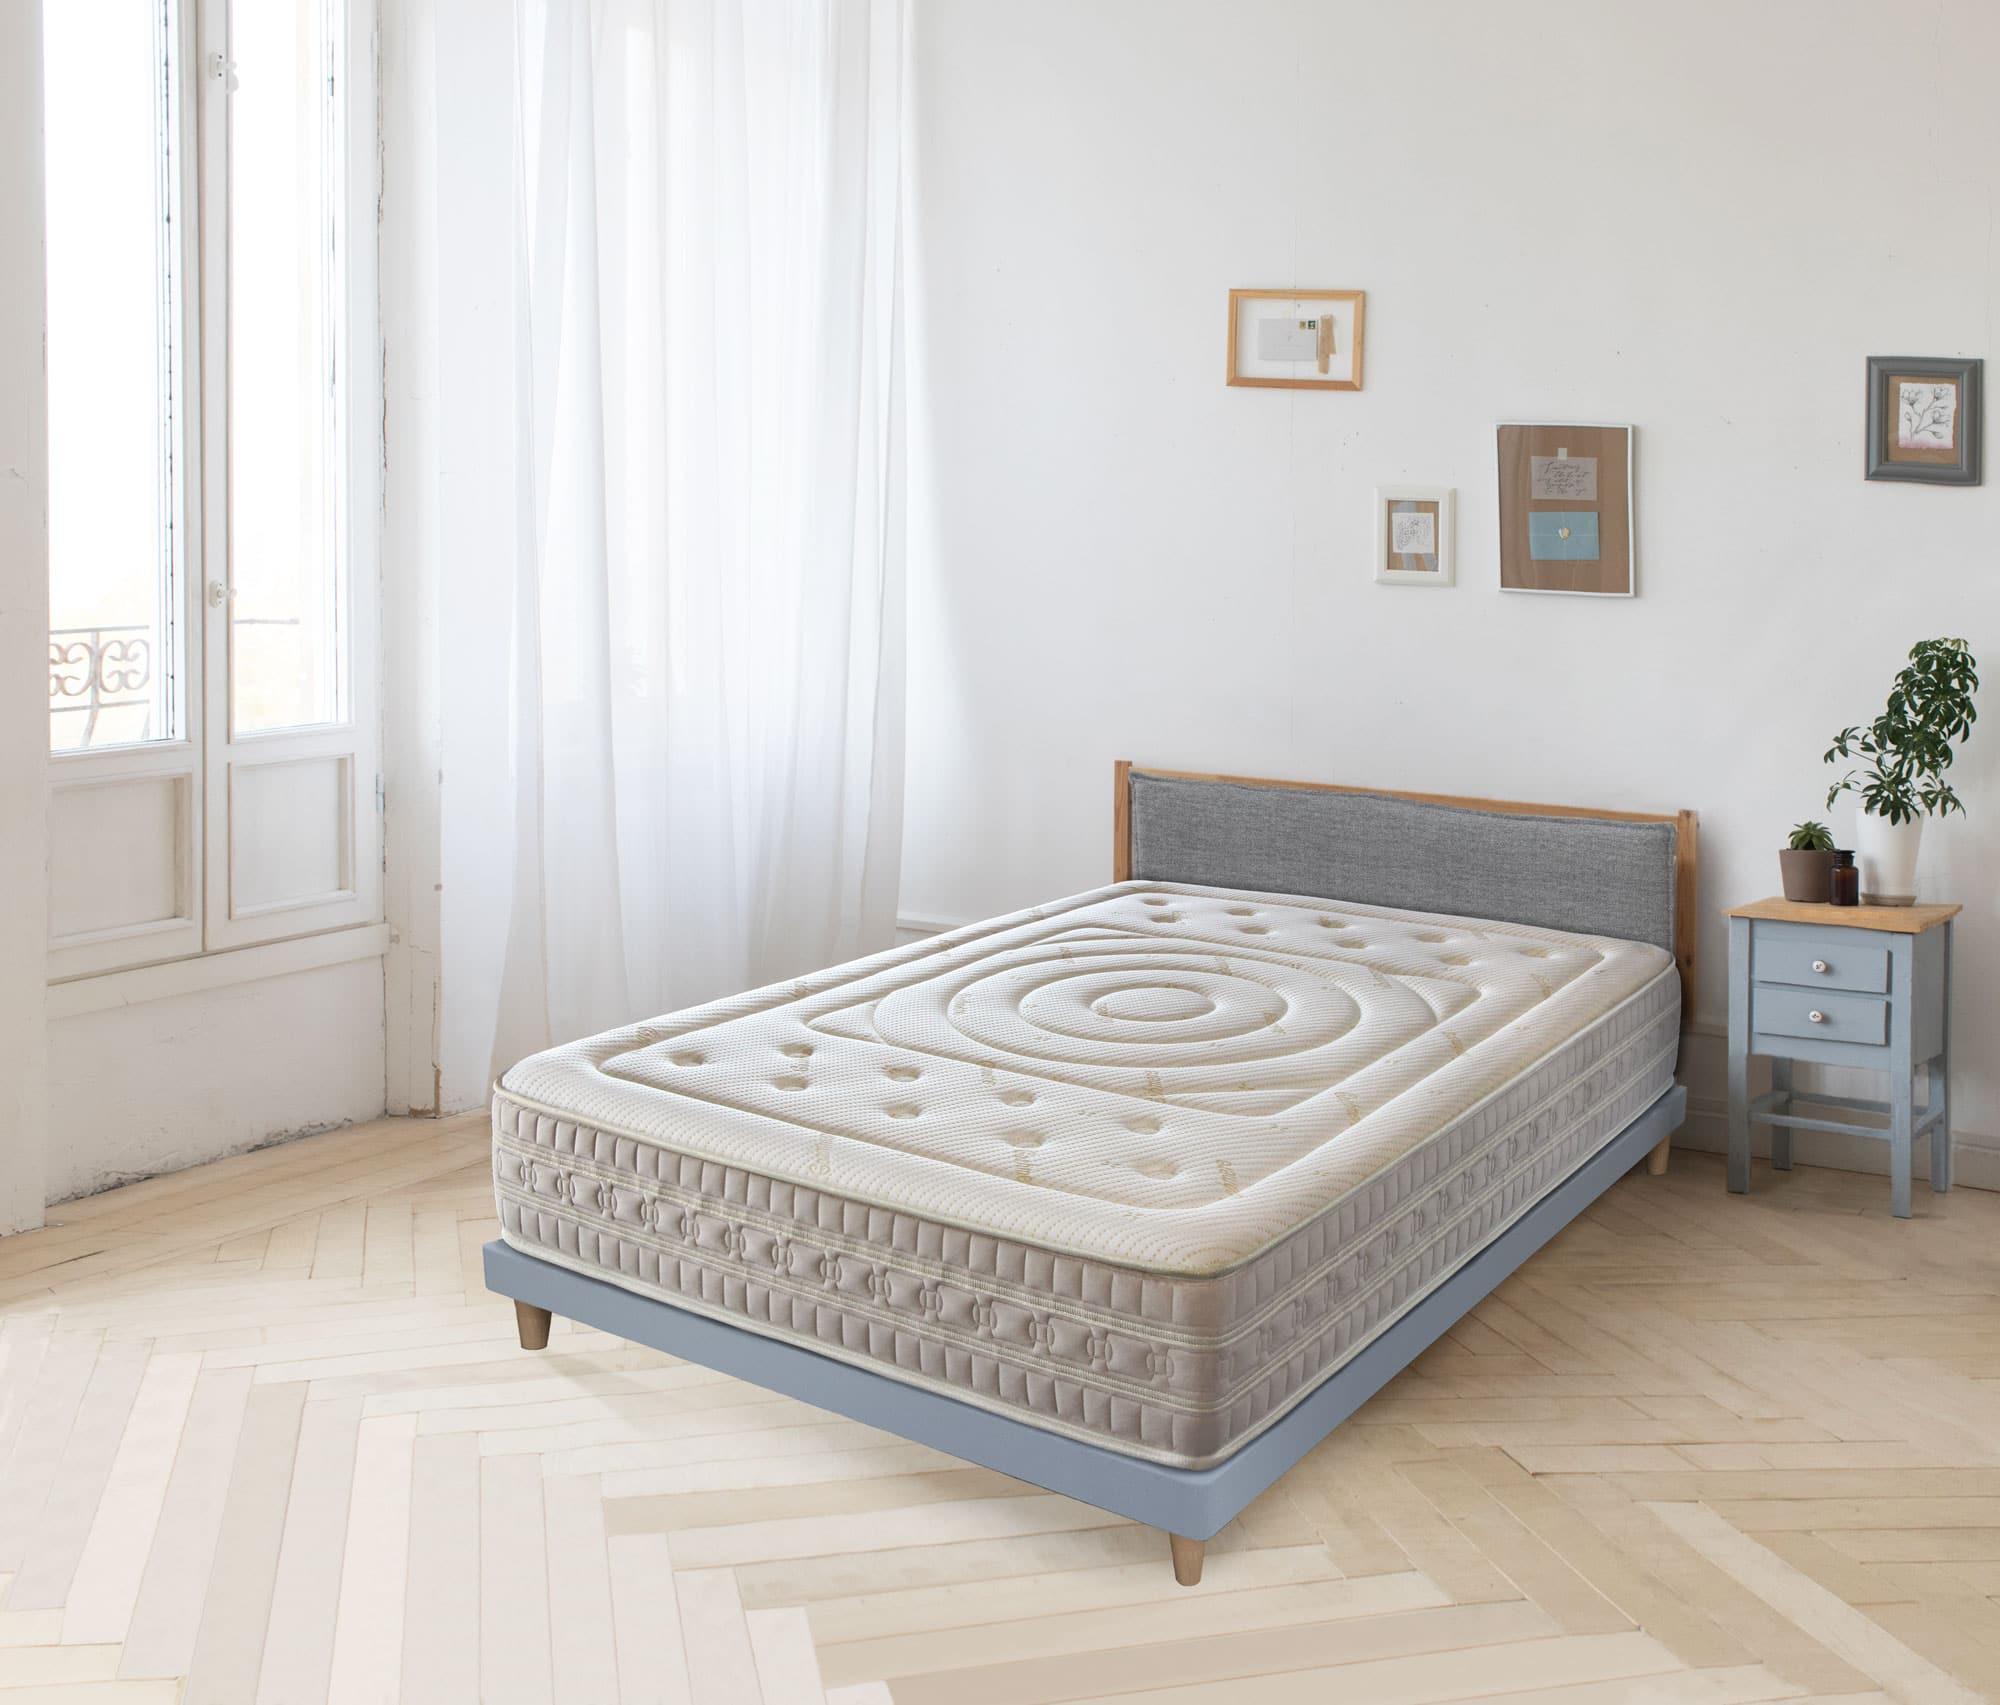 Colchón Muelles Ensacados y Viscoelástica Dream Cashmere (30cm)